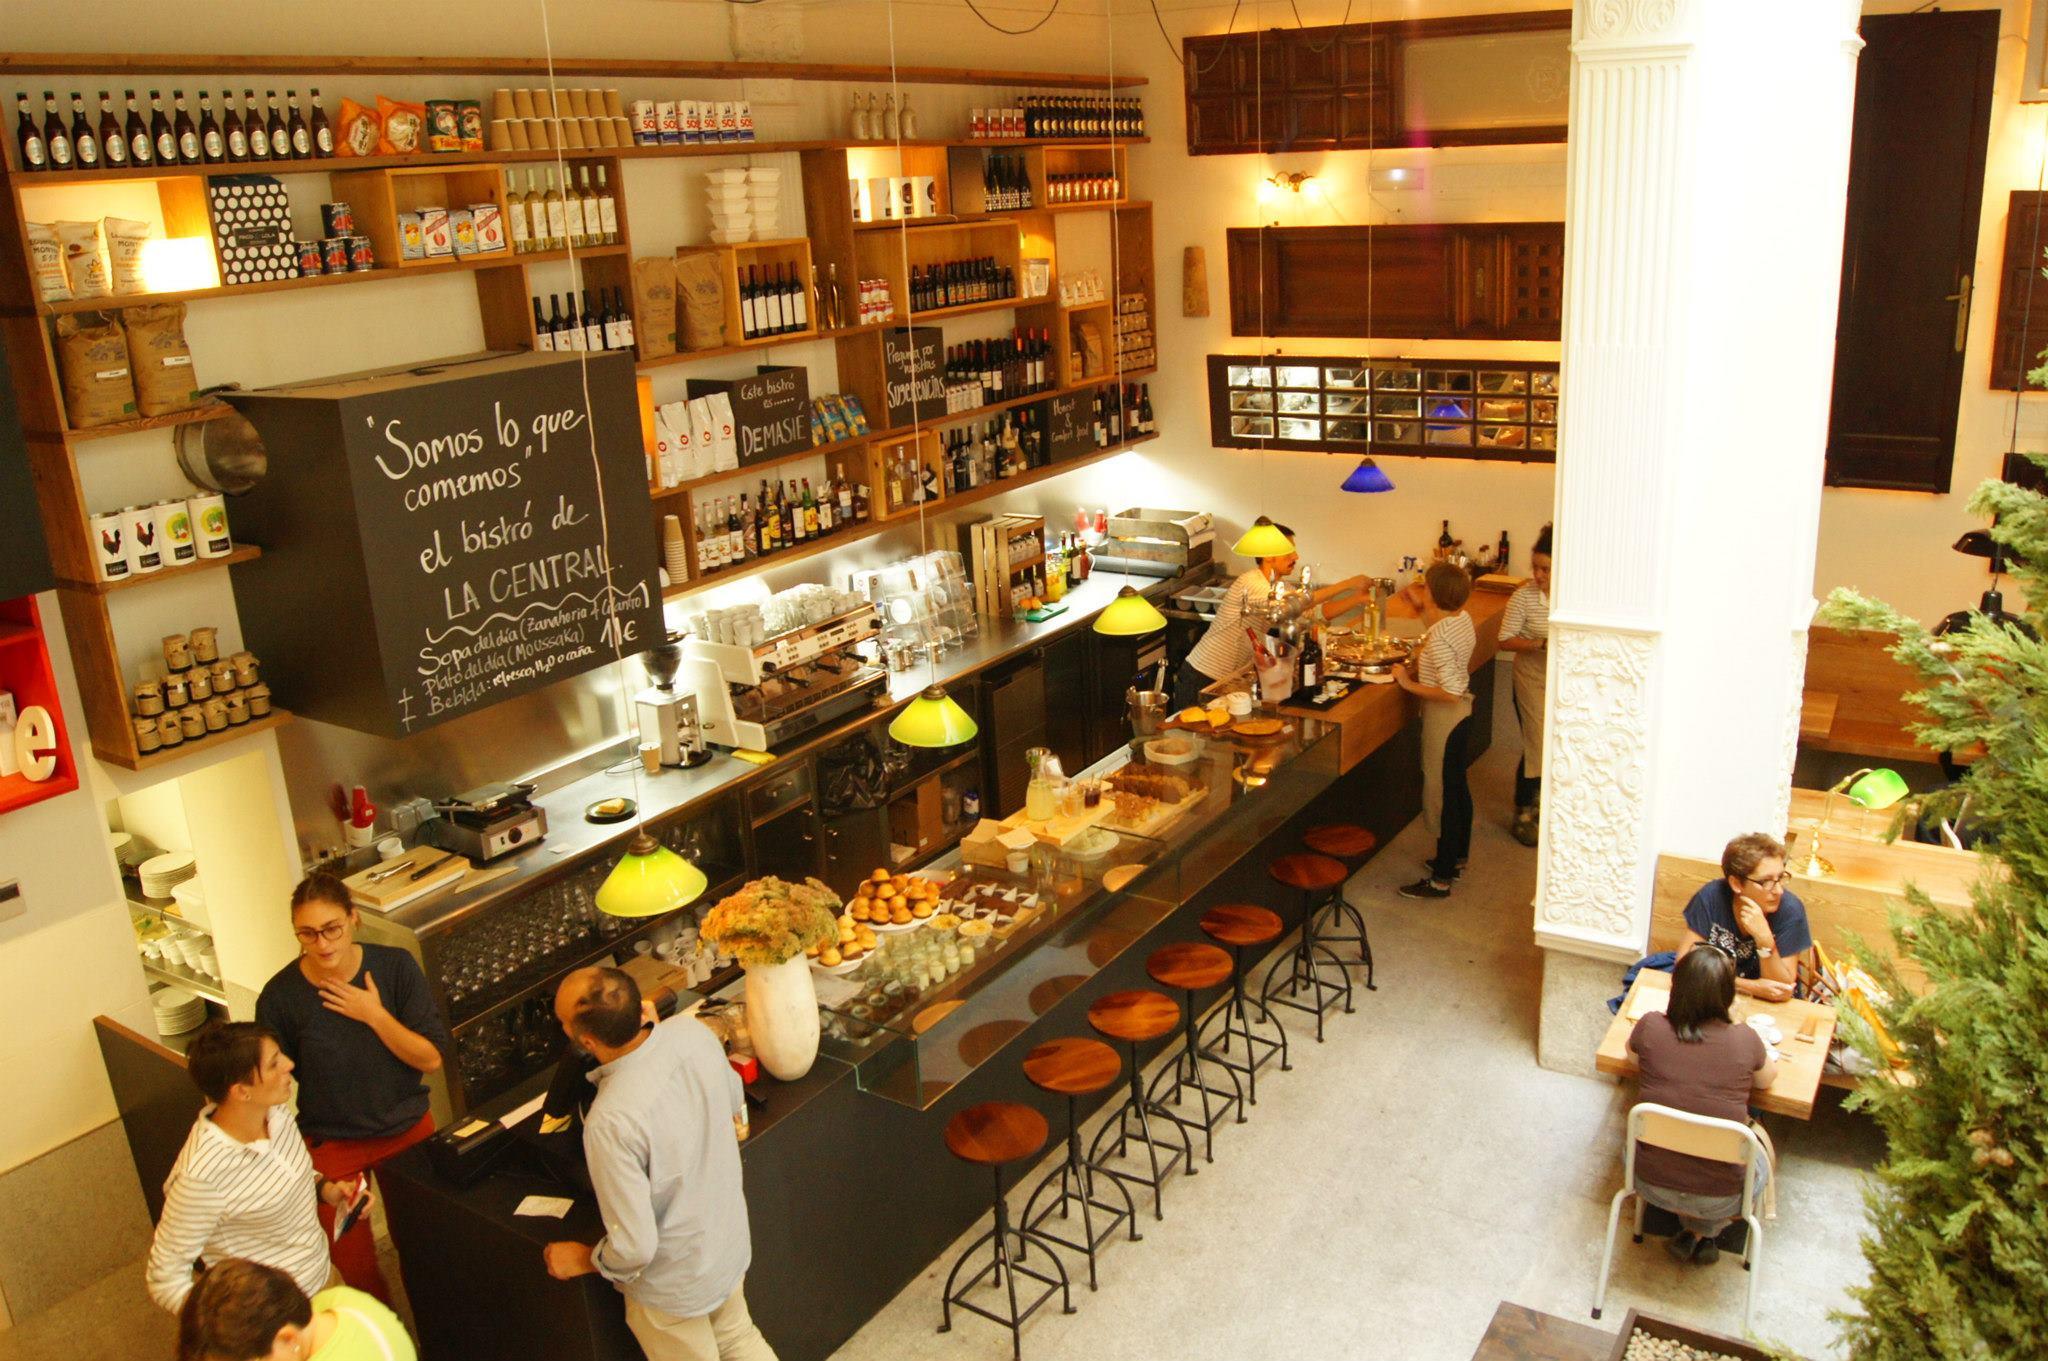 La central unha librar a cadea que cool disquecool for Tipos de restaurantes franceses